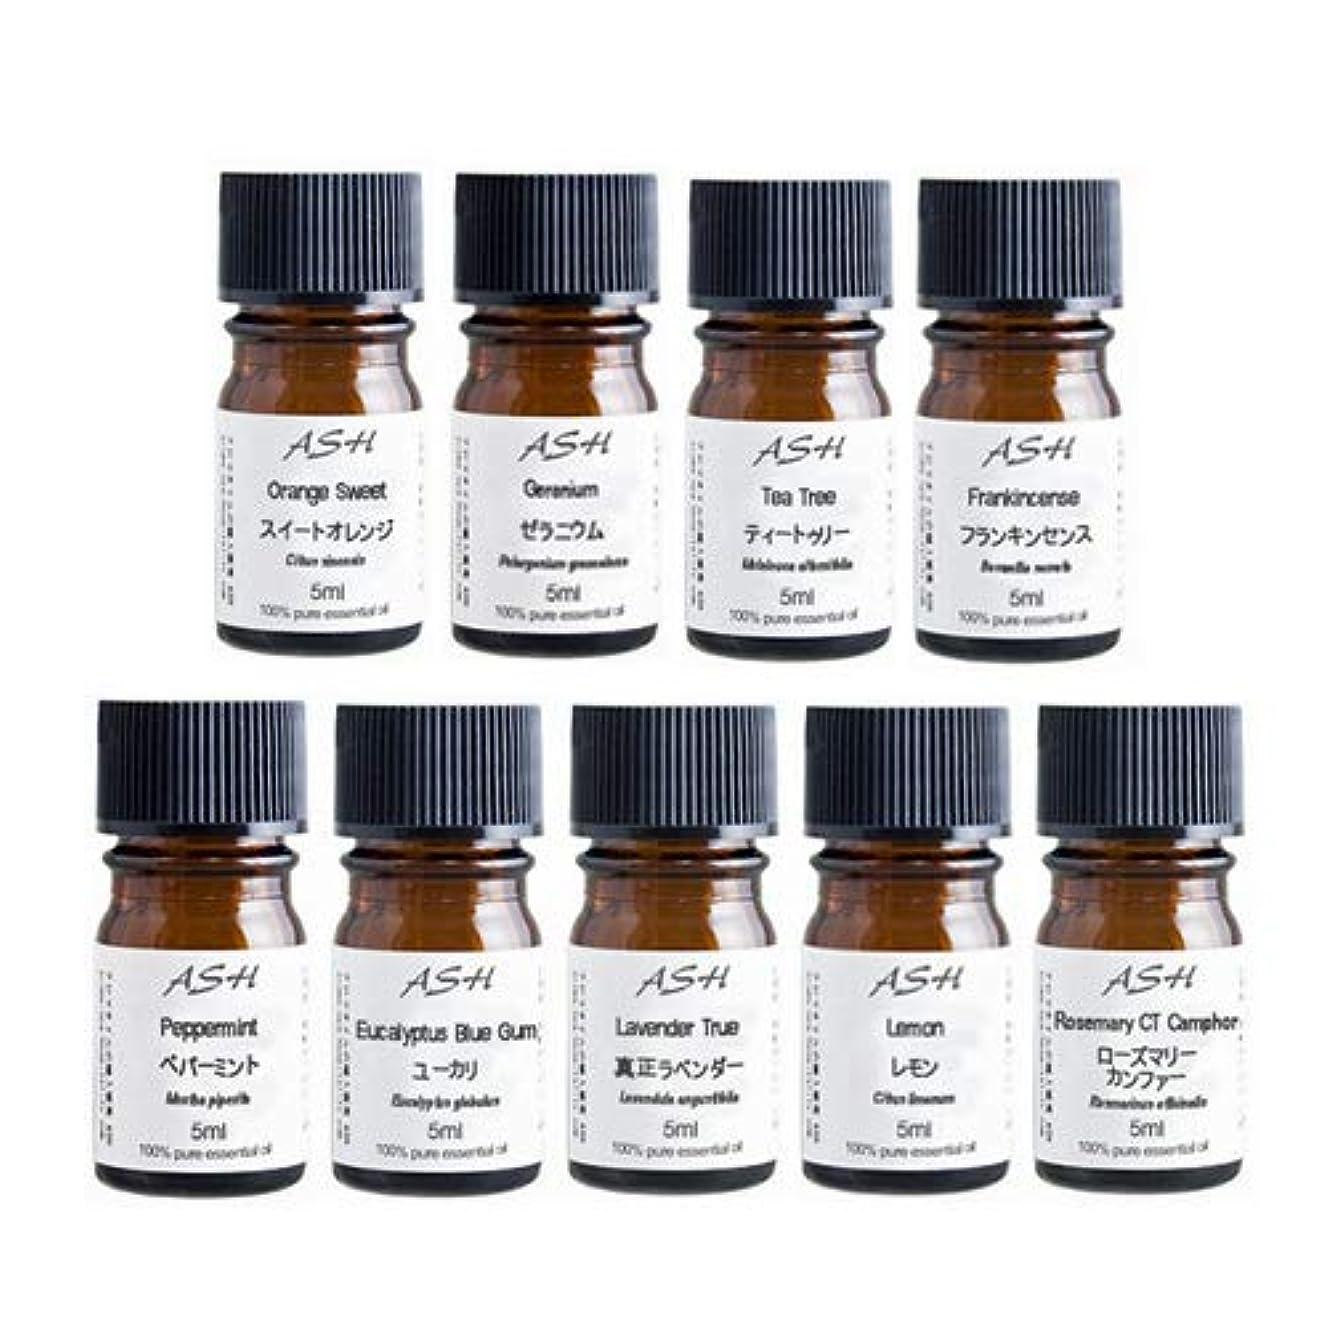 ASH アロマ検定 2級 対応 セット 5mlx9本(スイートオレンジ、ゼラニウム、ティートゥリー、フラン キンセンス、ペパーミント、ユーカリ、ラベンダー、レモン、ローズマリー)AEAJ表示基準適合認定精油